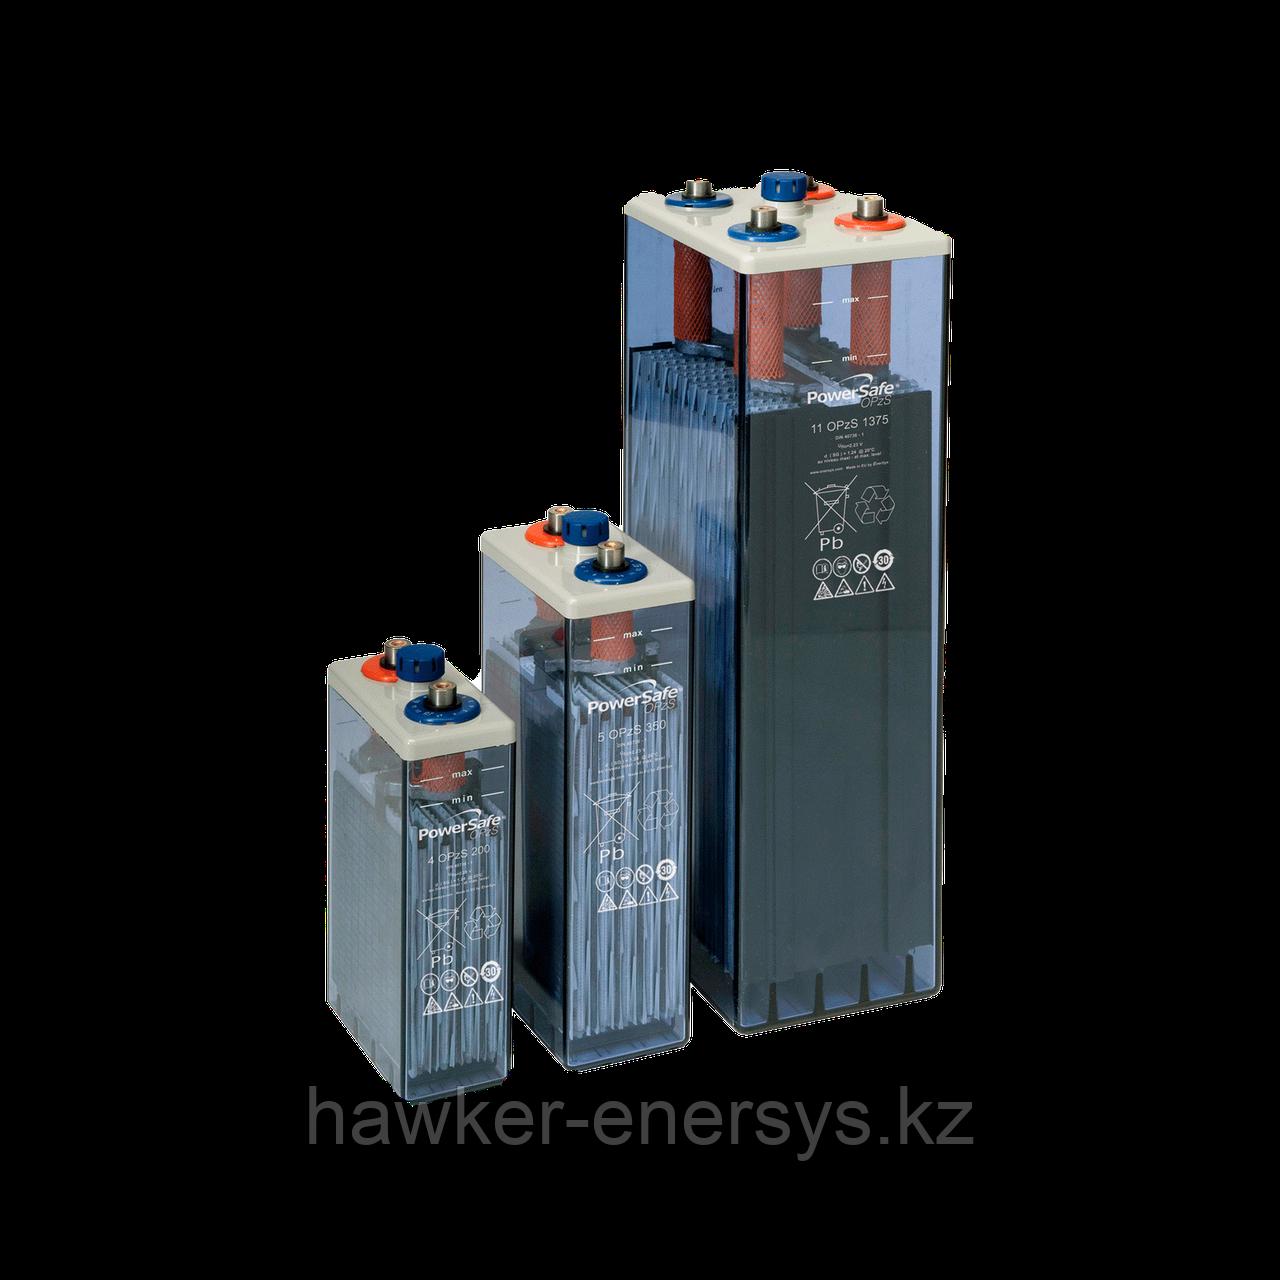 Аккумуляторная батарея PowerSafe 11 OPzS 1375